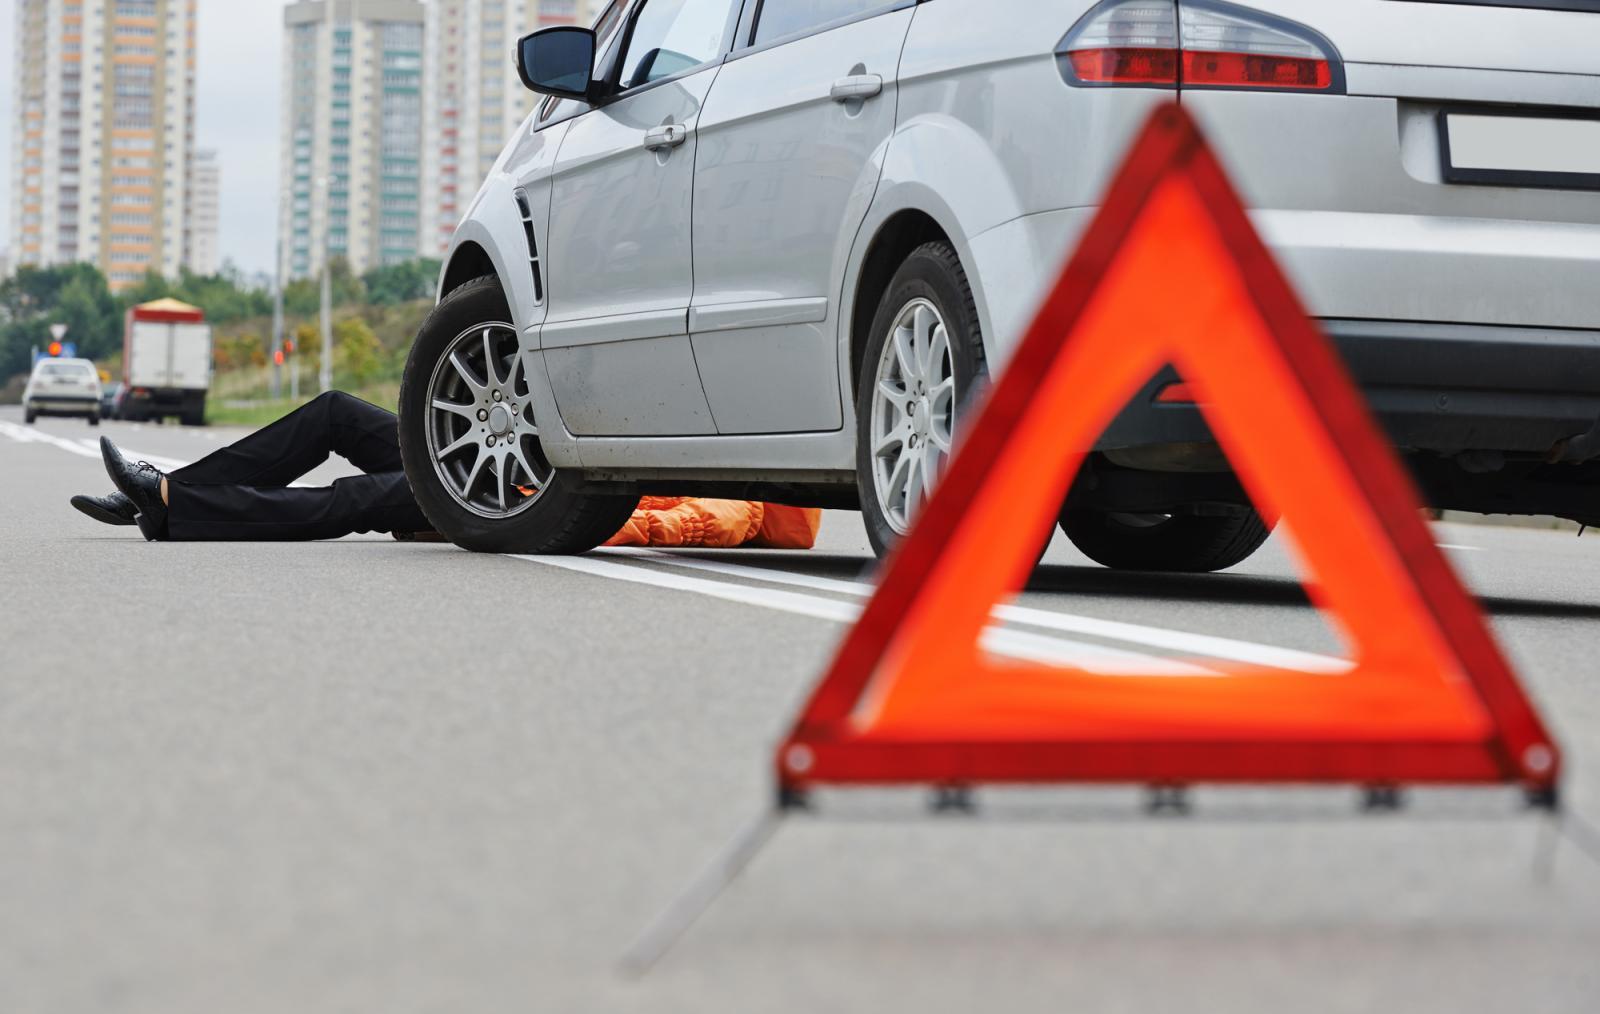 Автоинспекторы рассказали, что делать после наезда на пешехода